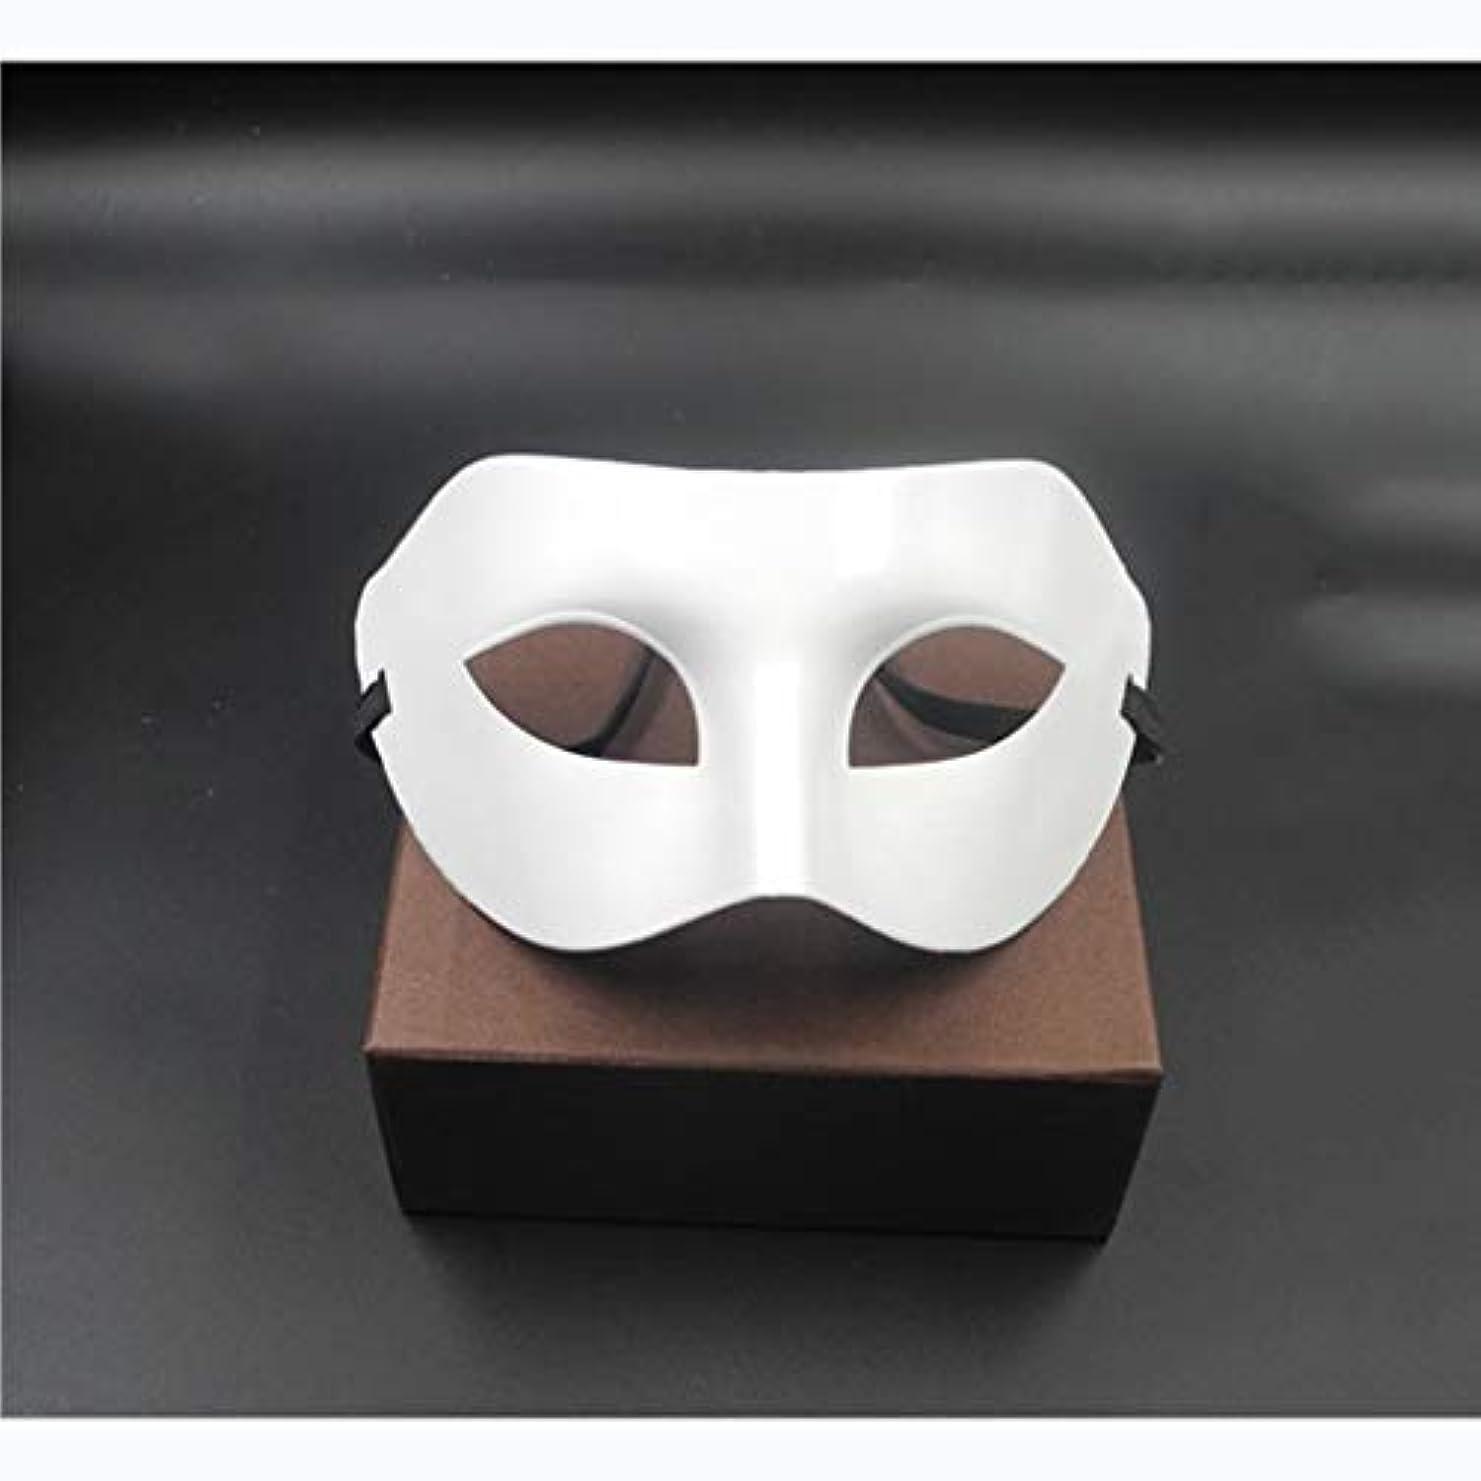 ネーピア調停者ビジターハロウィン男性と女性の半分の顔のマスクの大人の子供のマスクの仮装パーティー黒と白のマスク (Color : WHITE)